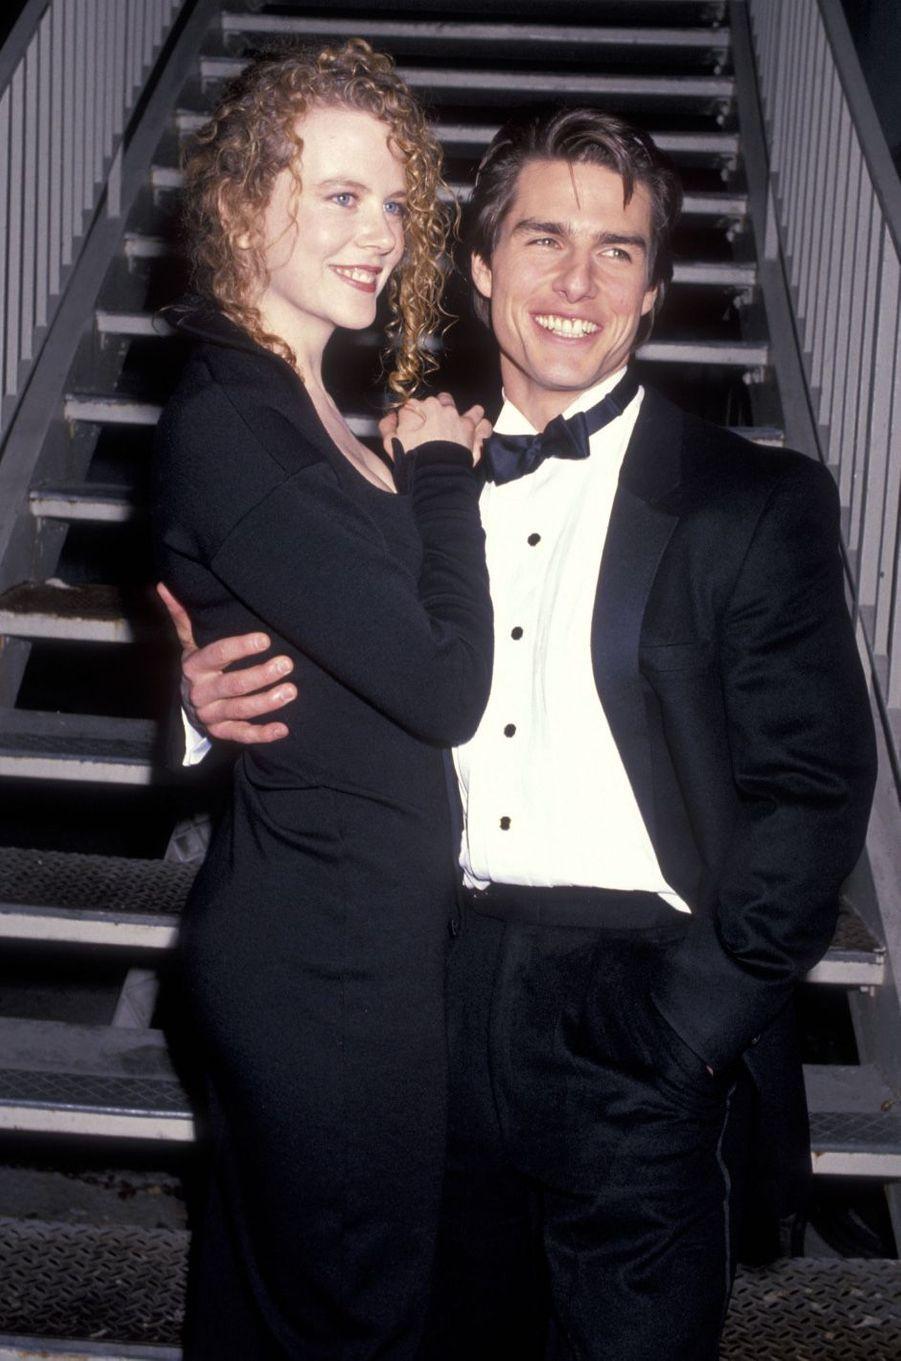 Tom Cruise et Nicole Kidman en 1991. Leur mariage a duré de 1990 à 2001.